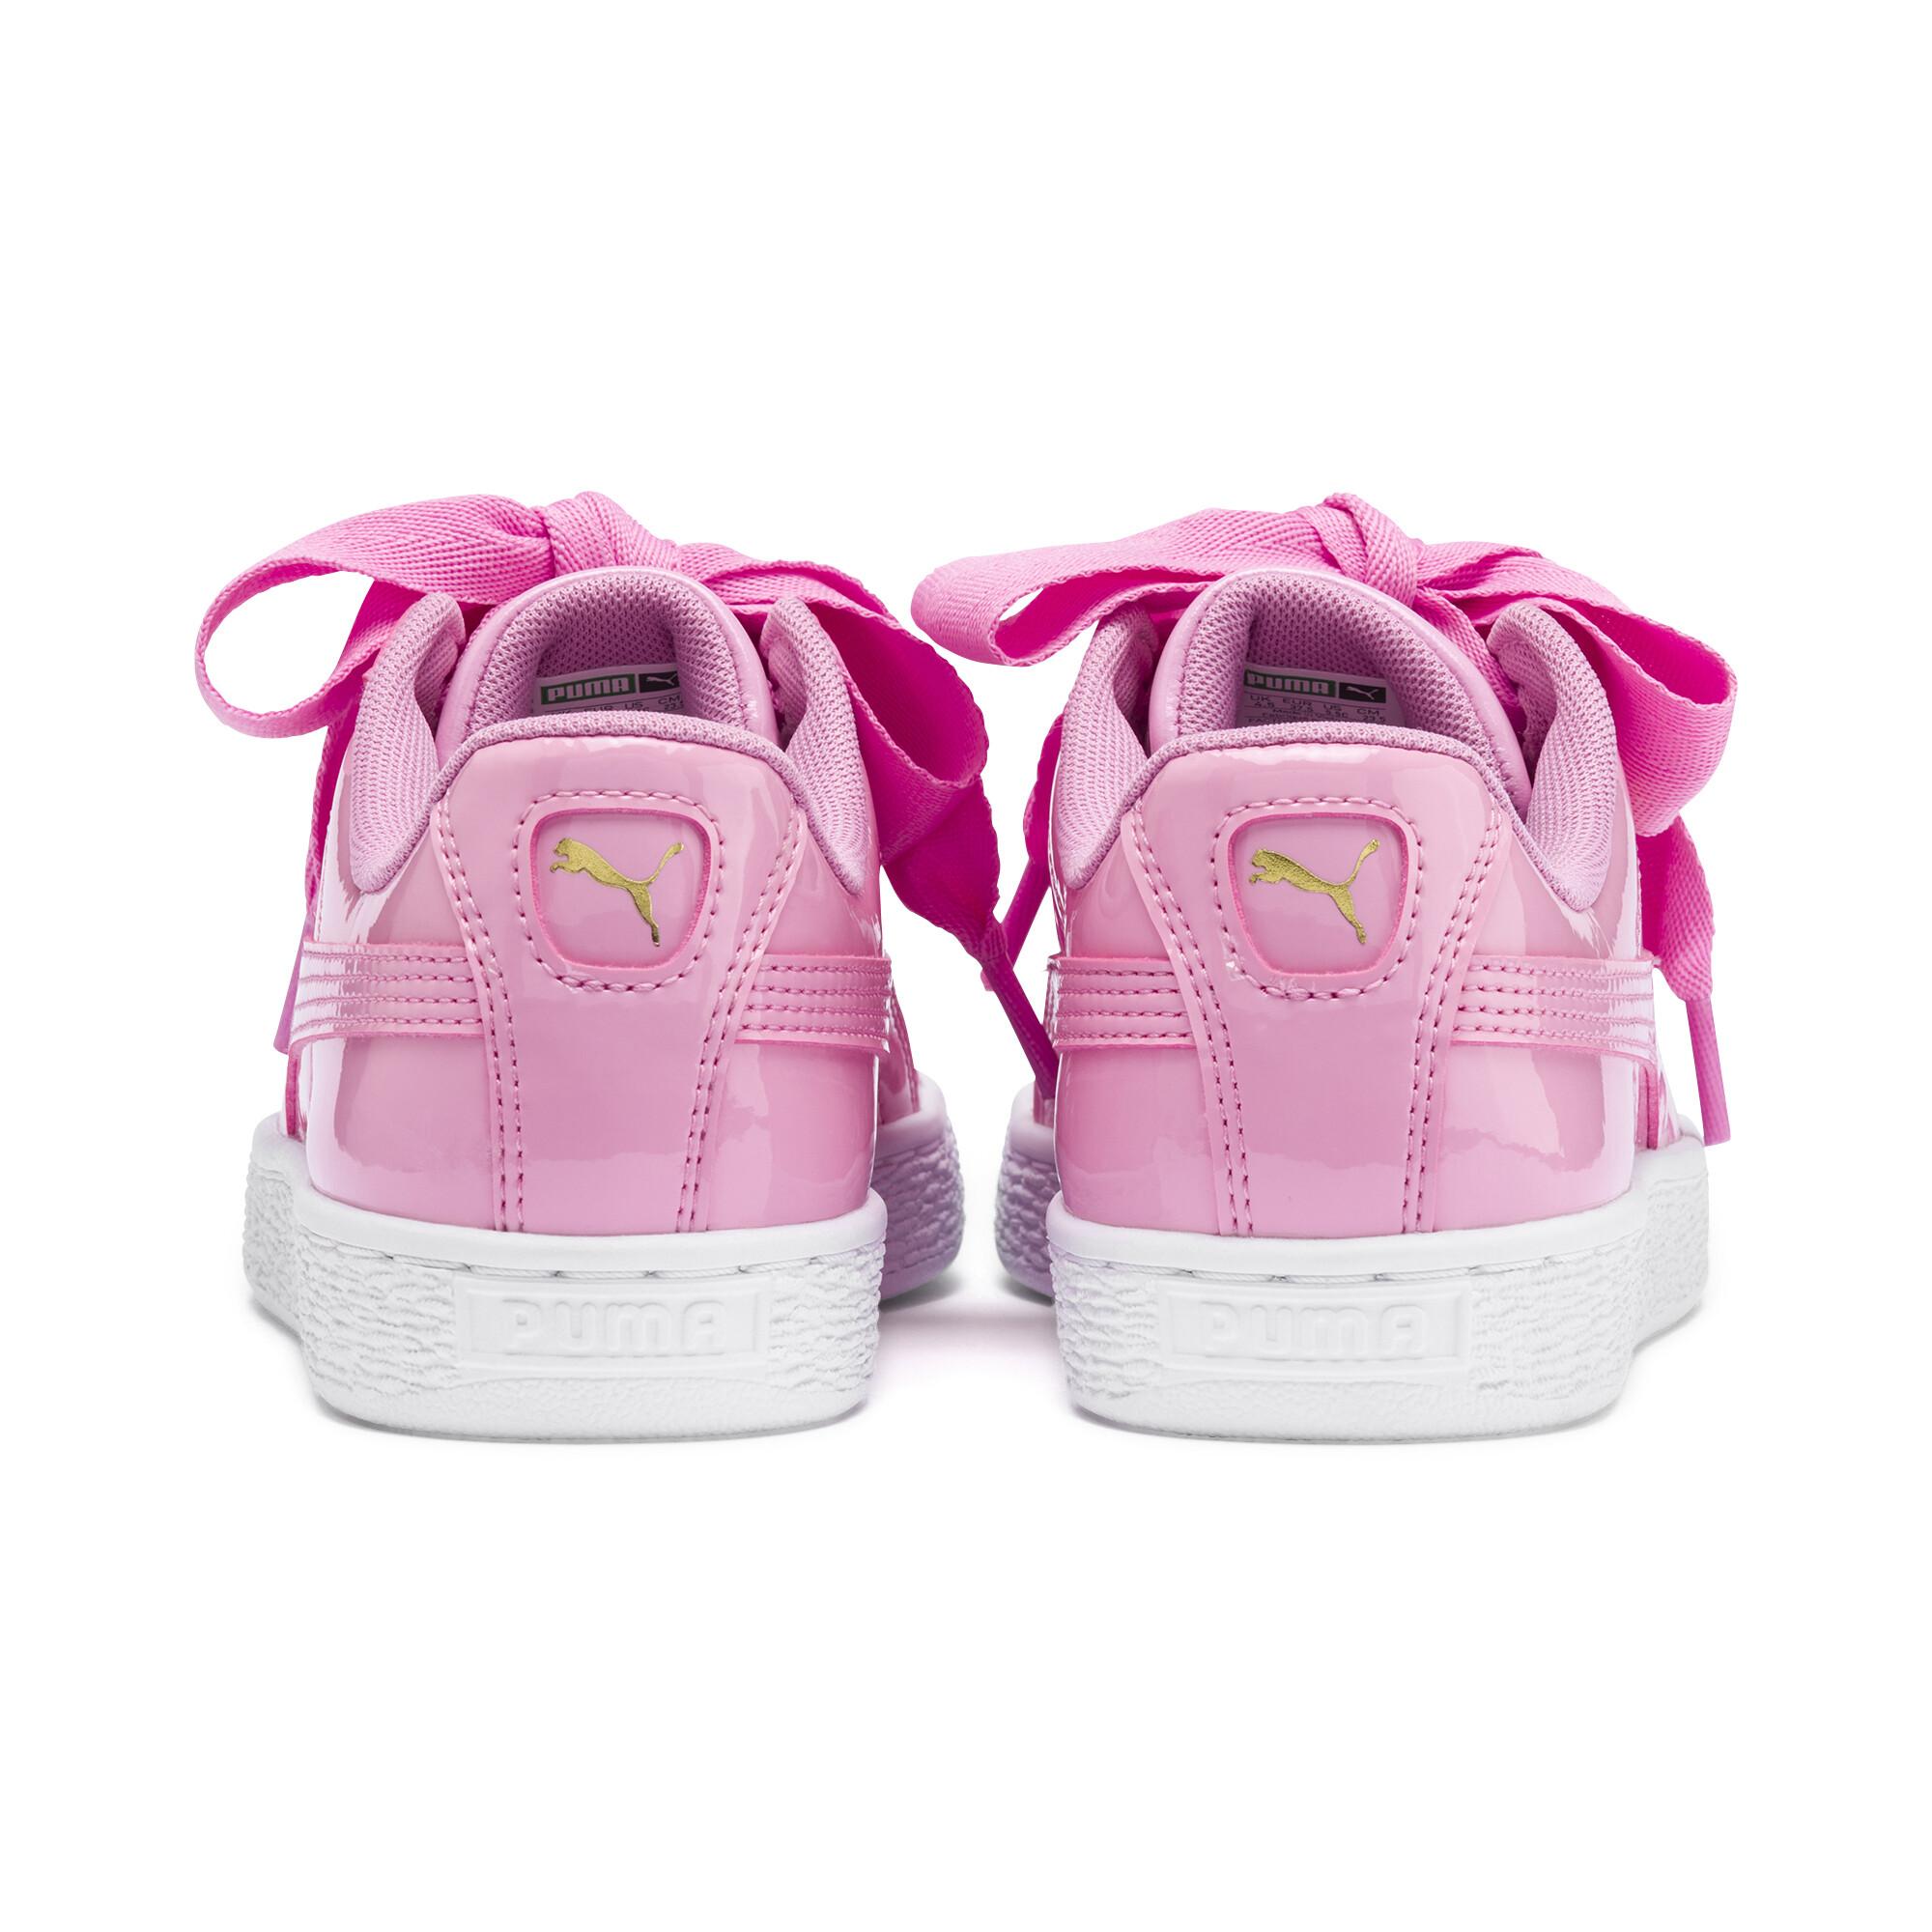 PUMA Basket Heart Patent Sneakers JR Girls Shoe Kids